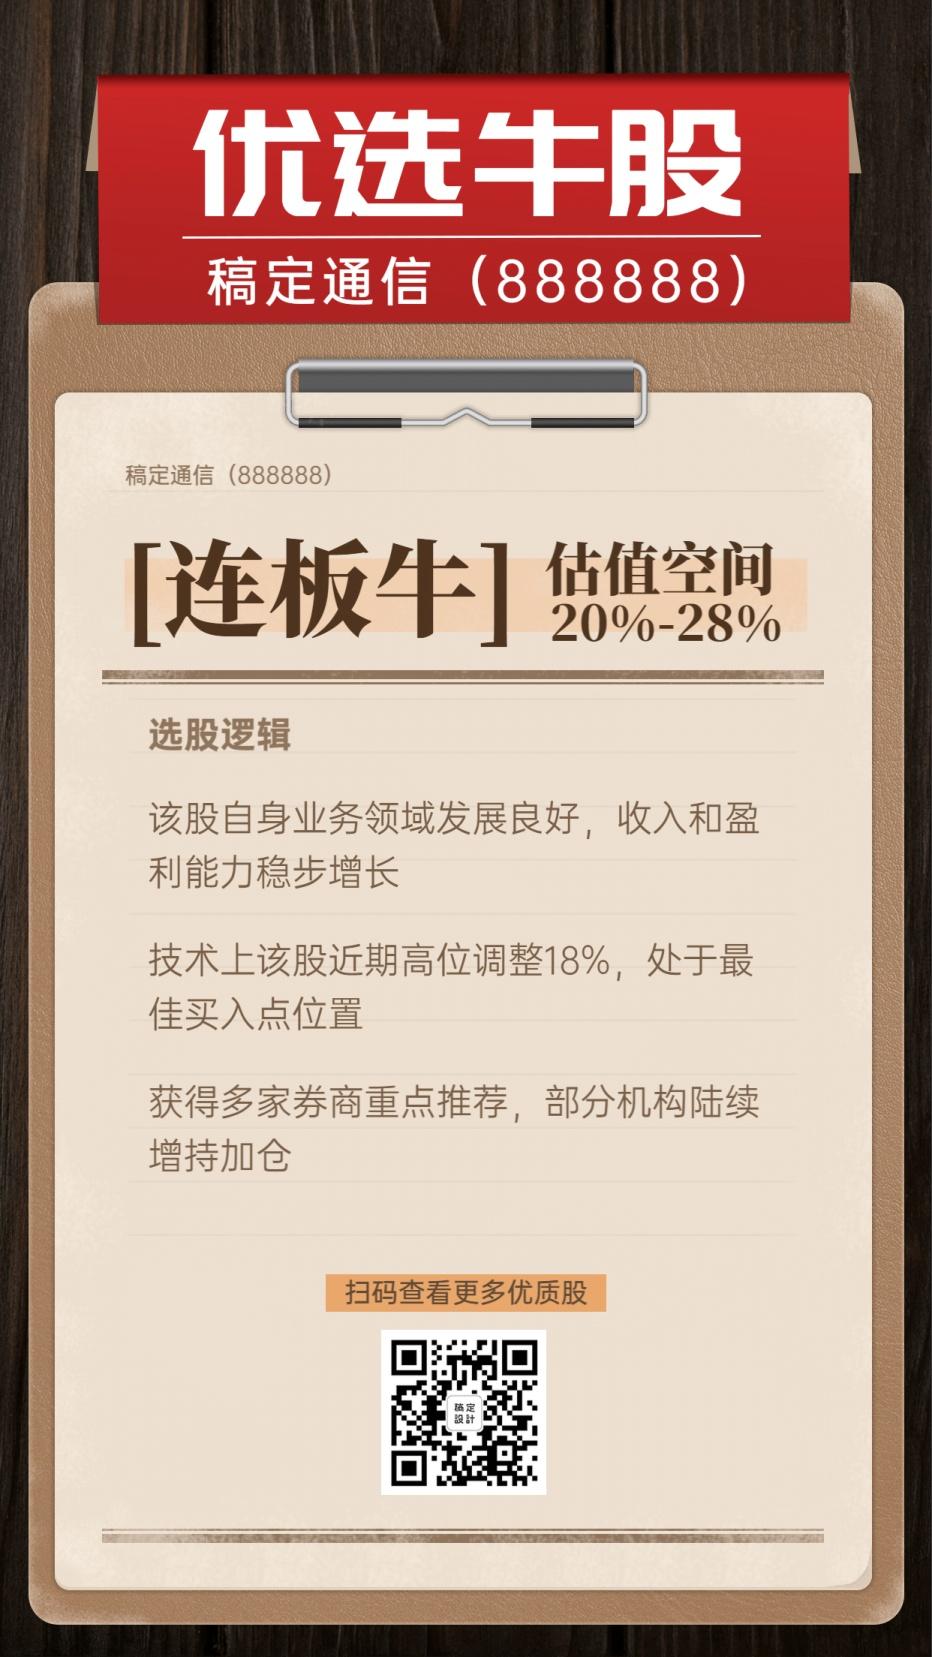 精选牛股股票详情金融投资海报